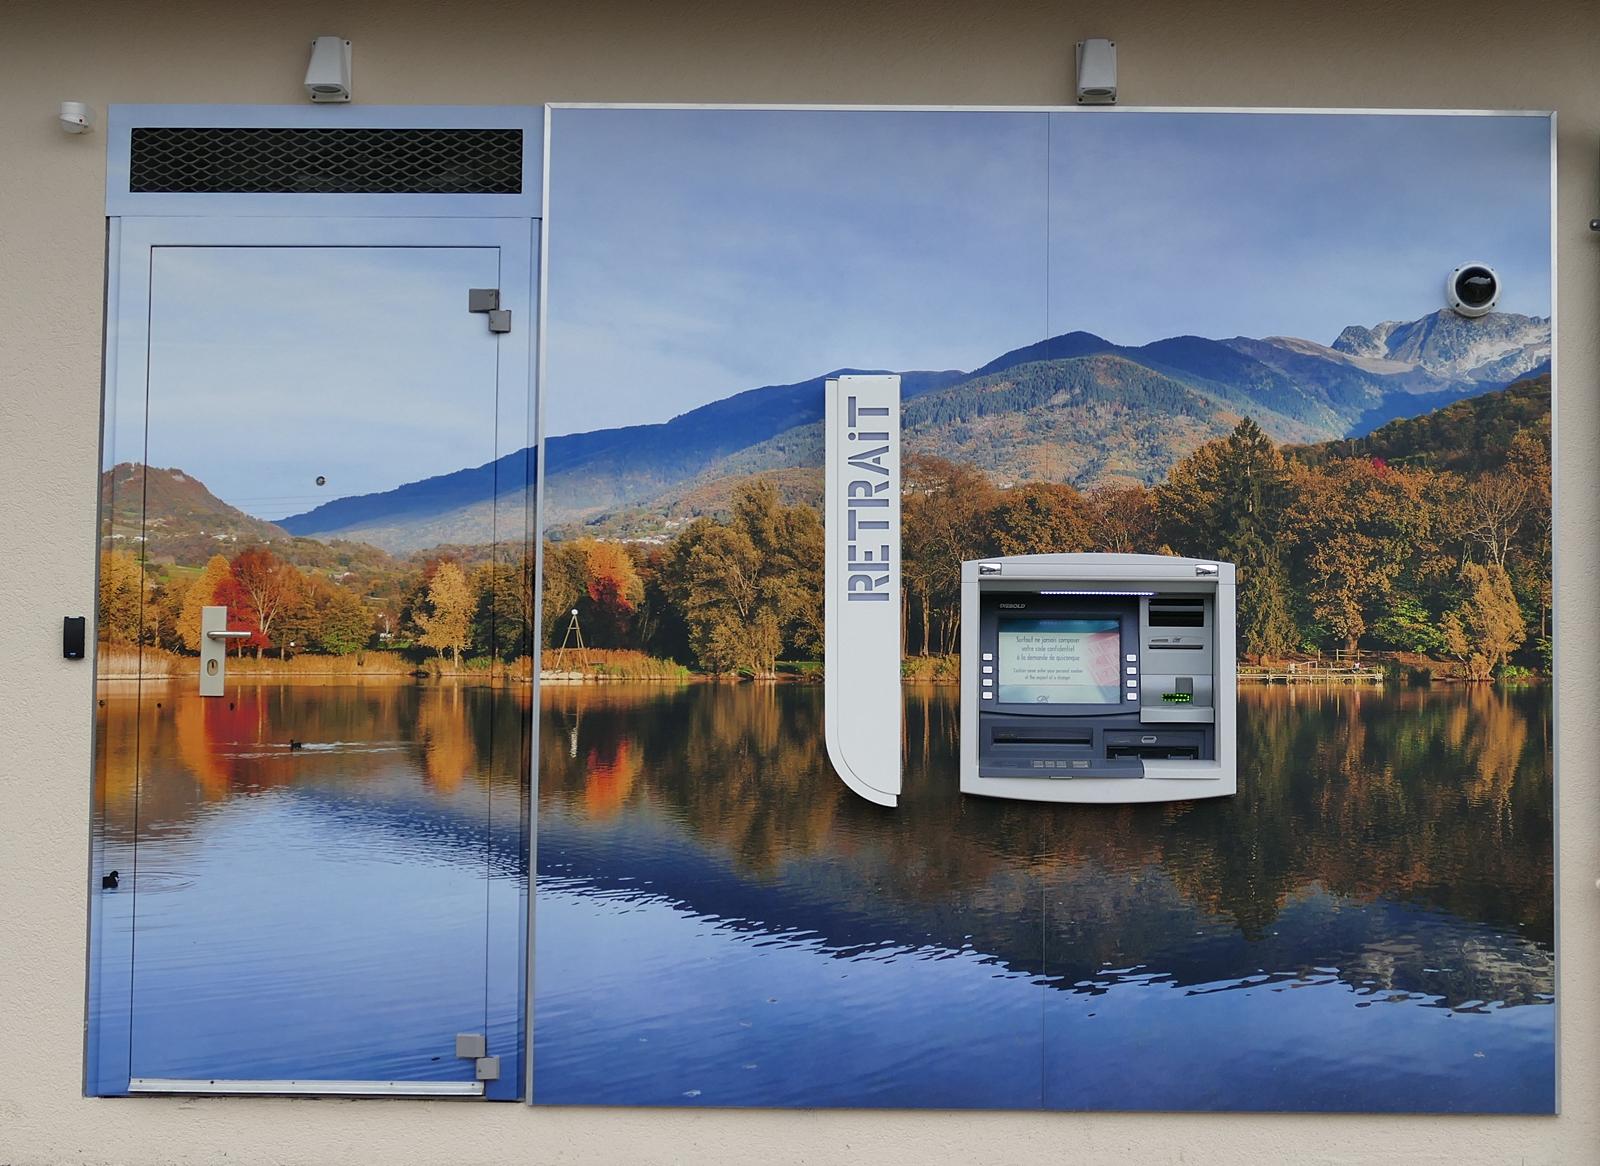 Le Distributeur Automatique D'une Agence Bancaire Décoré Par Une Photo D'un Lac En Combe De Savoie